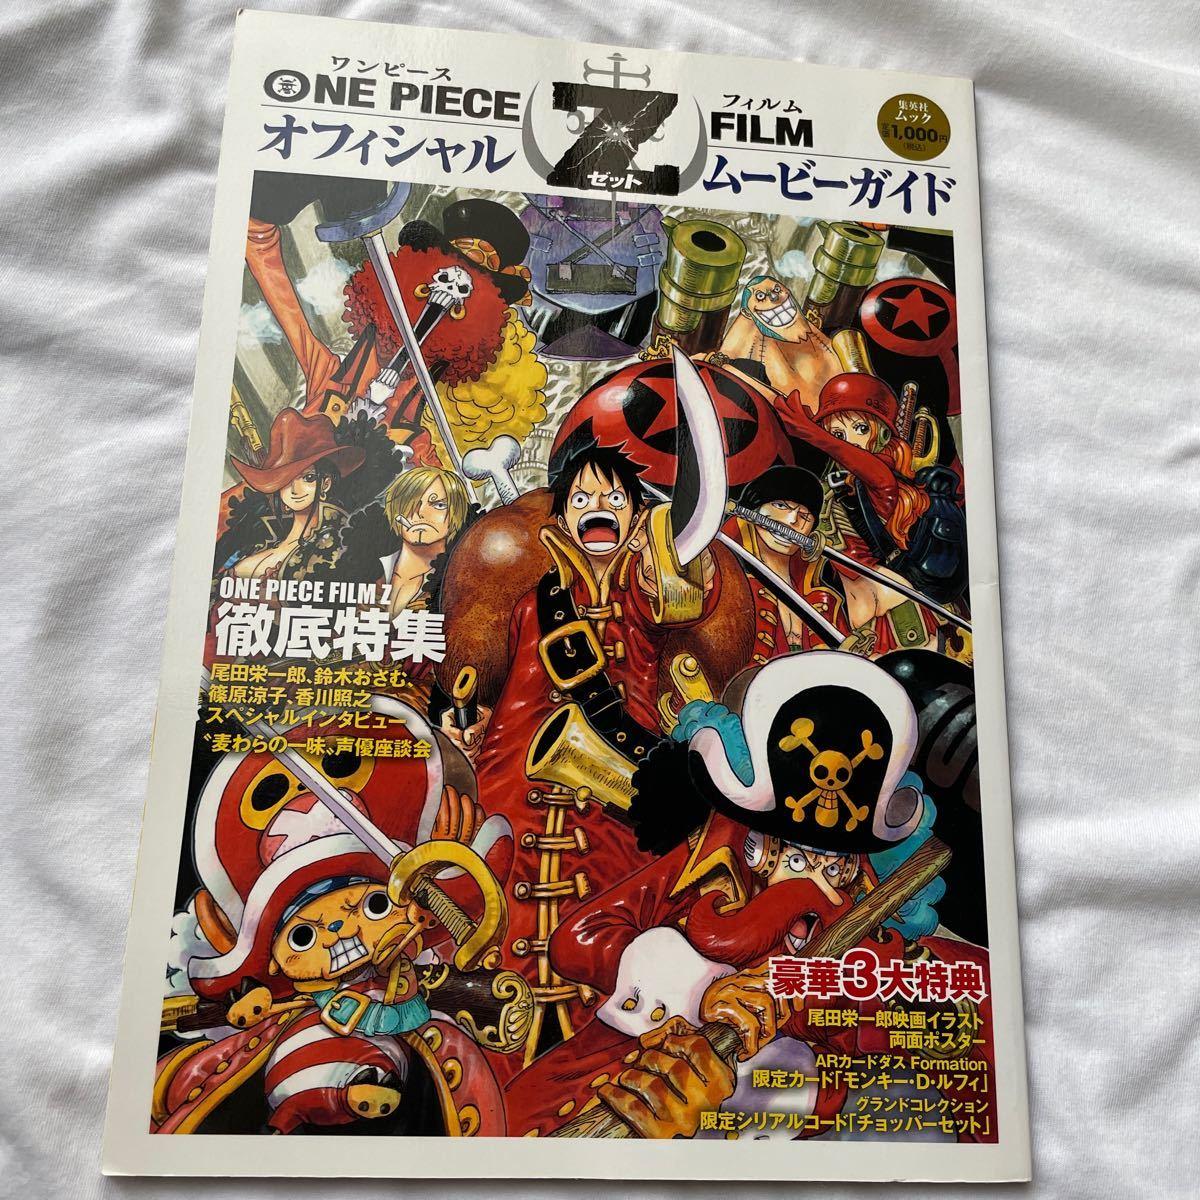 ONE PIECE FILM Zオフィシャルム-ビ-ガイド   /集英社/尾田栄一郎 (ムック) 中古